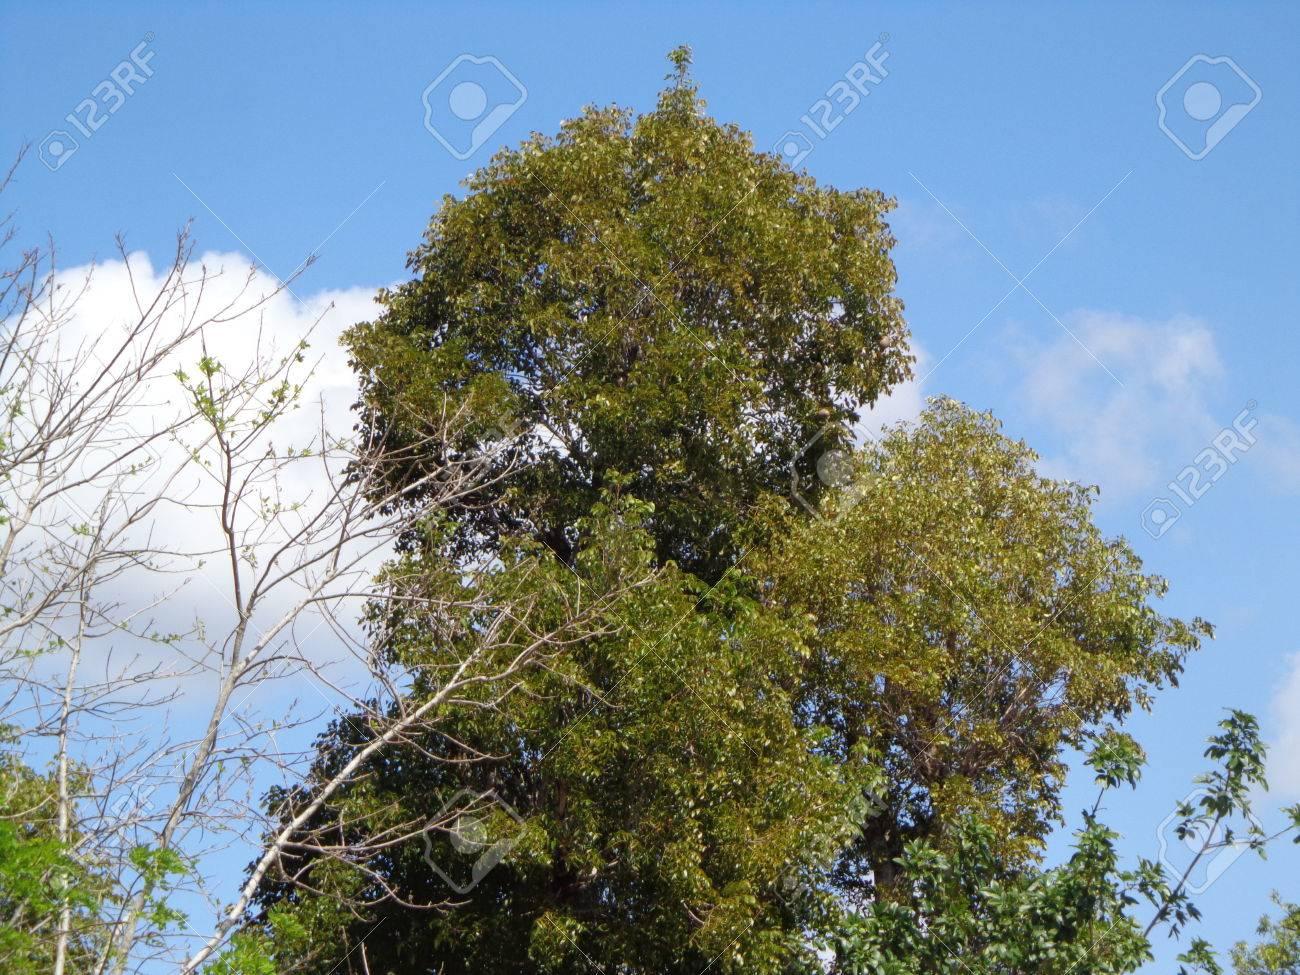 natürliche landschaft mit üppigen baum oben auf den baum blätter